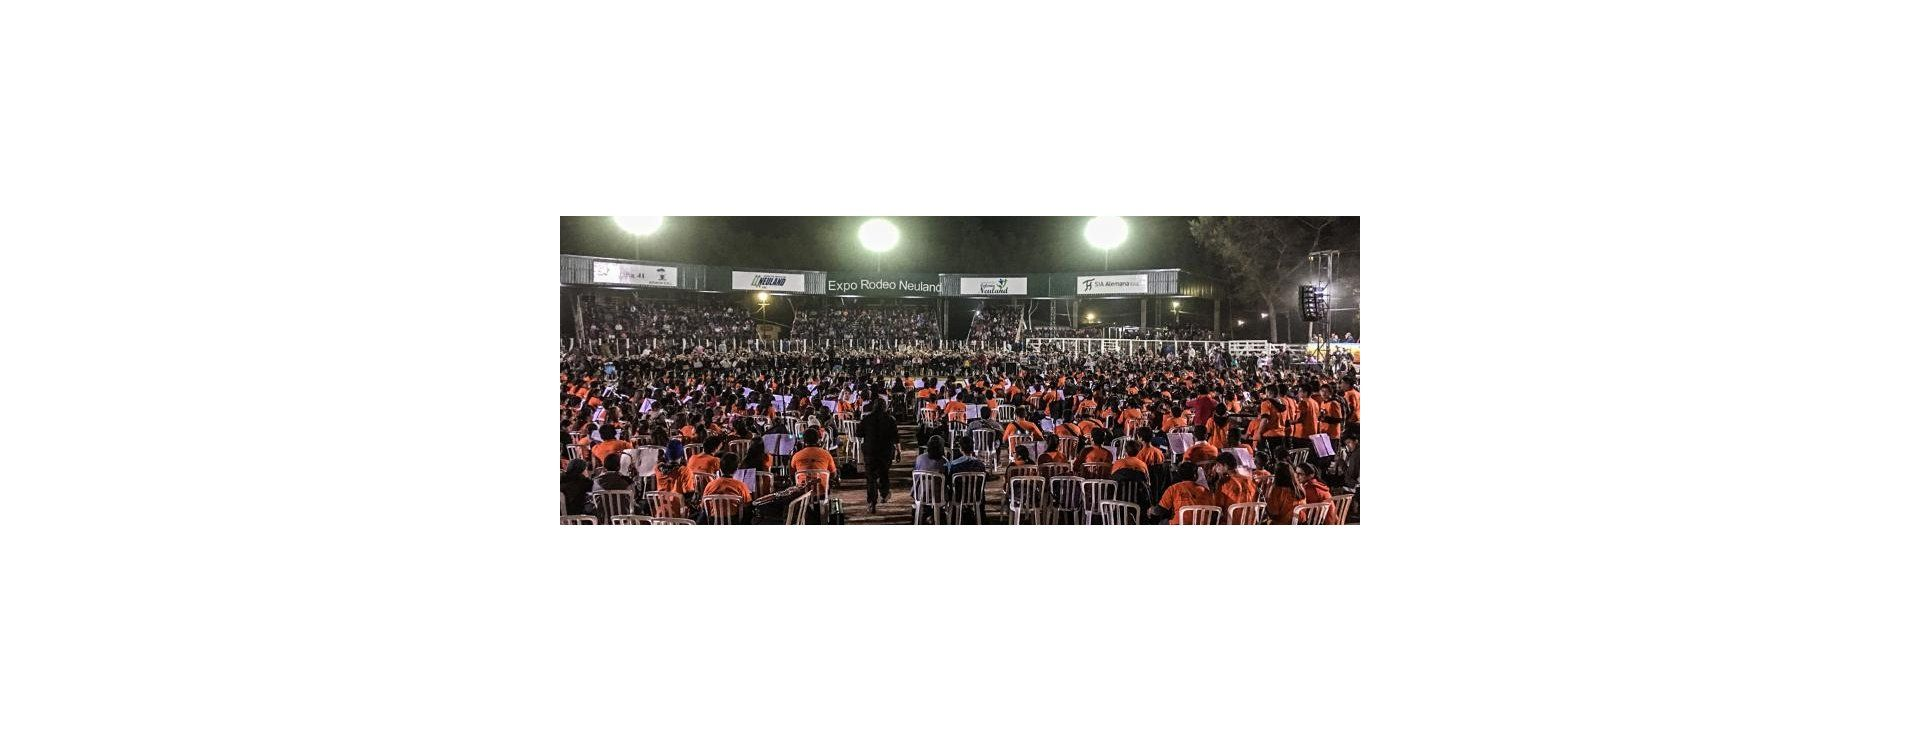 SOS Música: un viaje al corazón del Chaco paraguayo